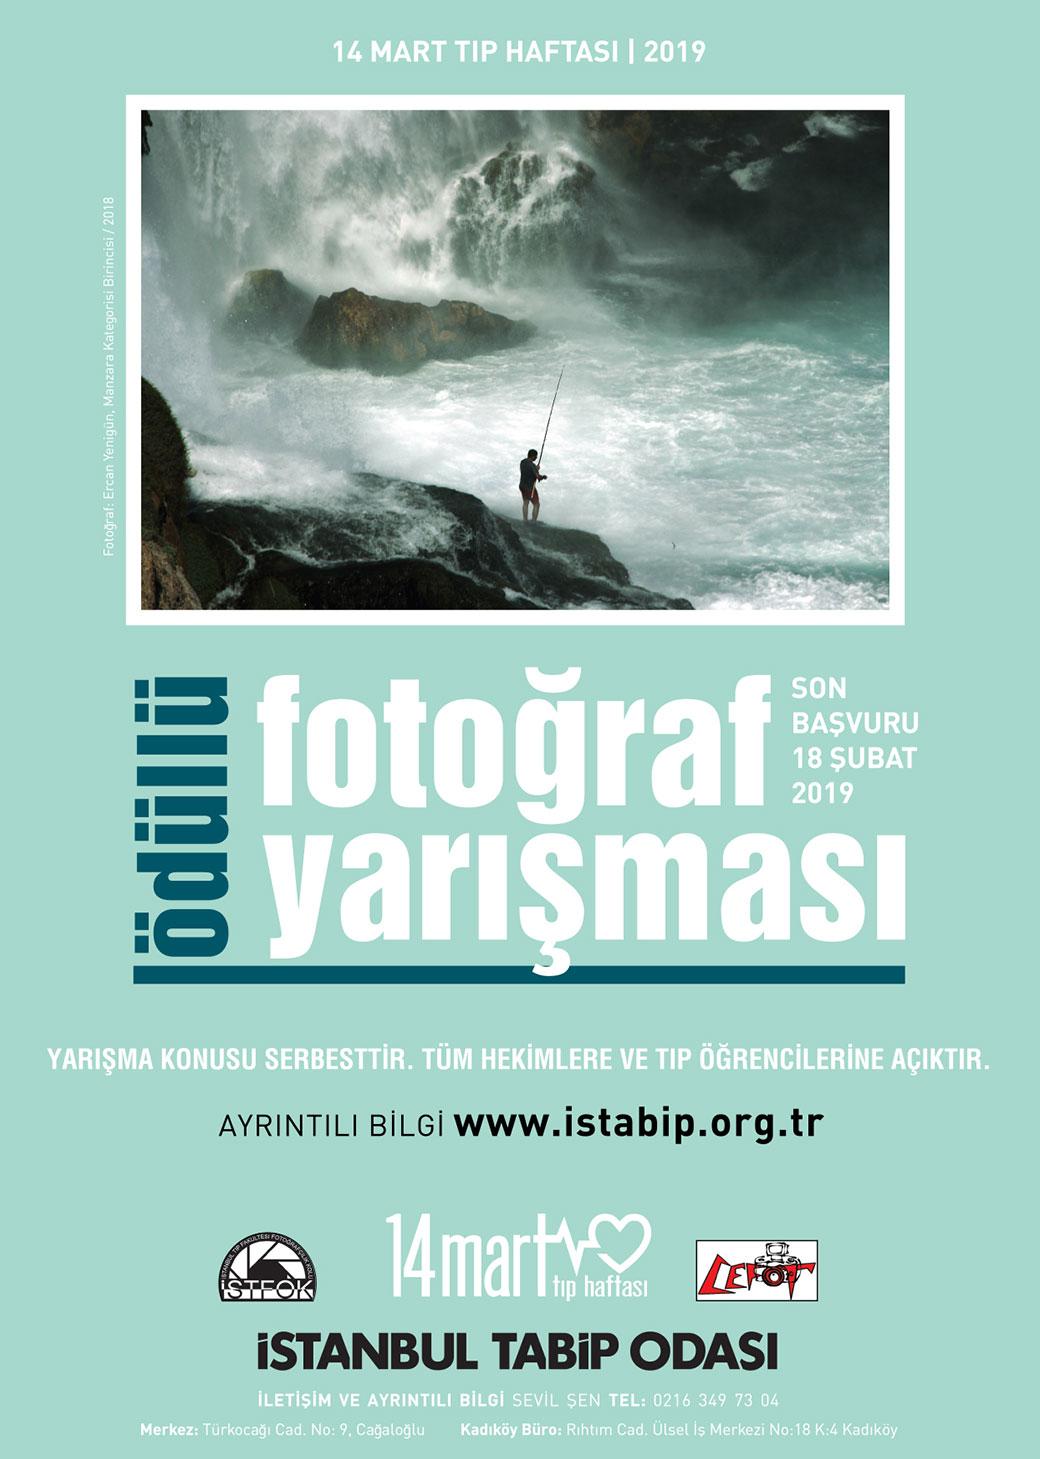 14 mart fotoğraf Yarışması